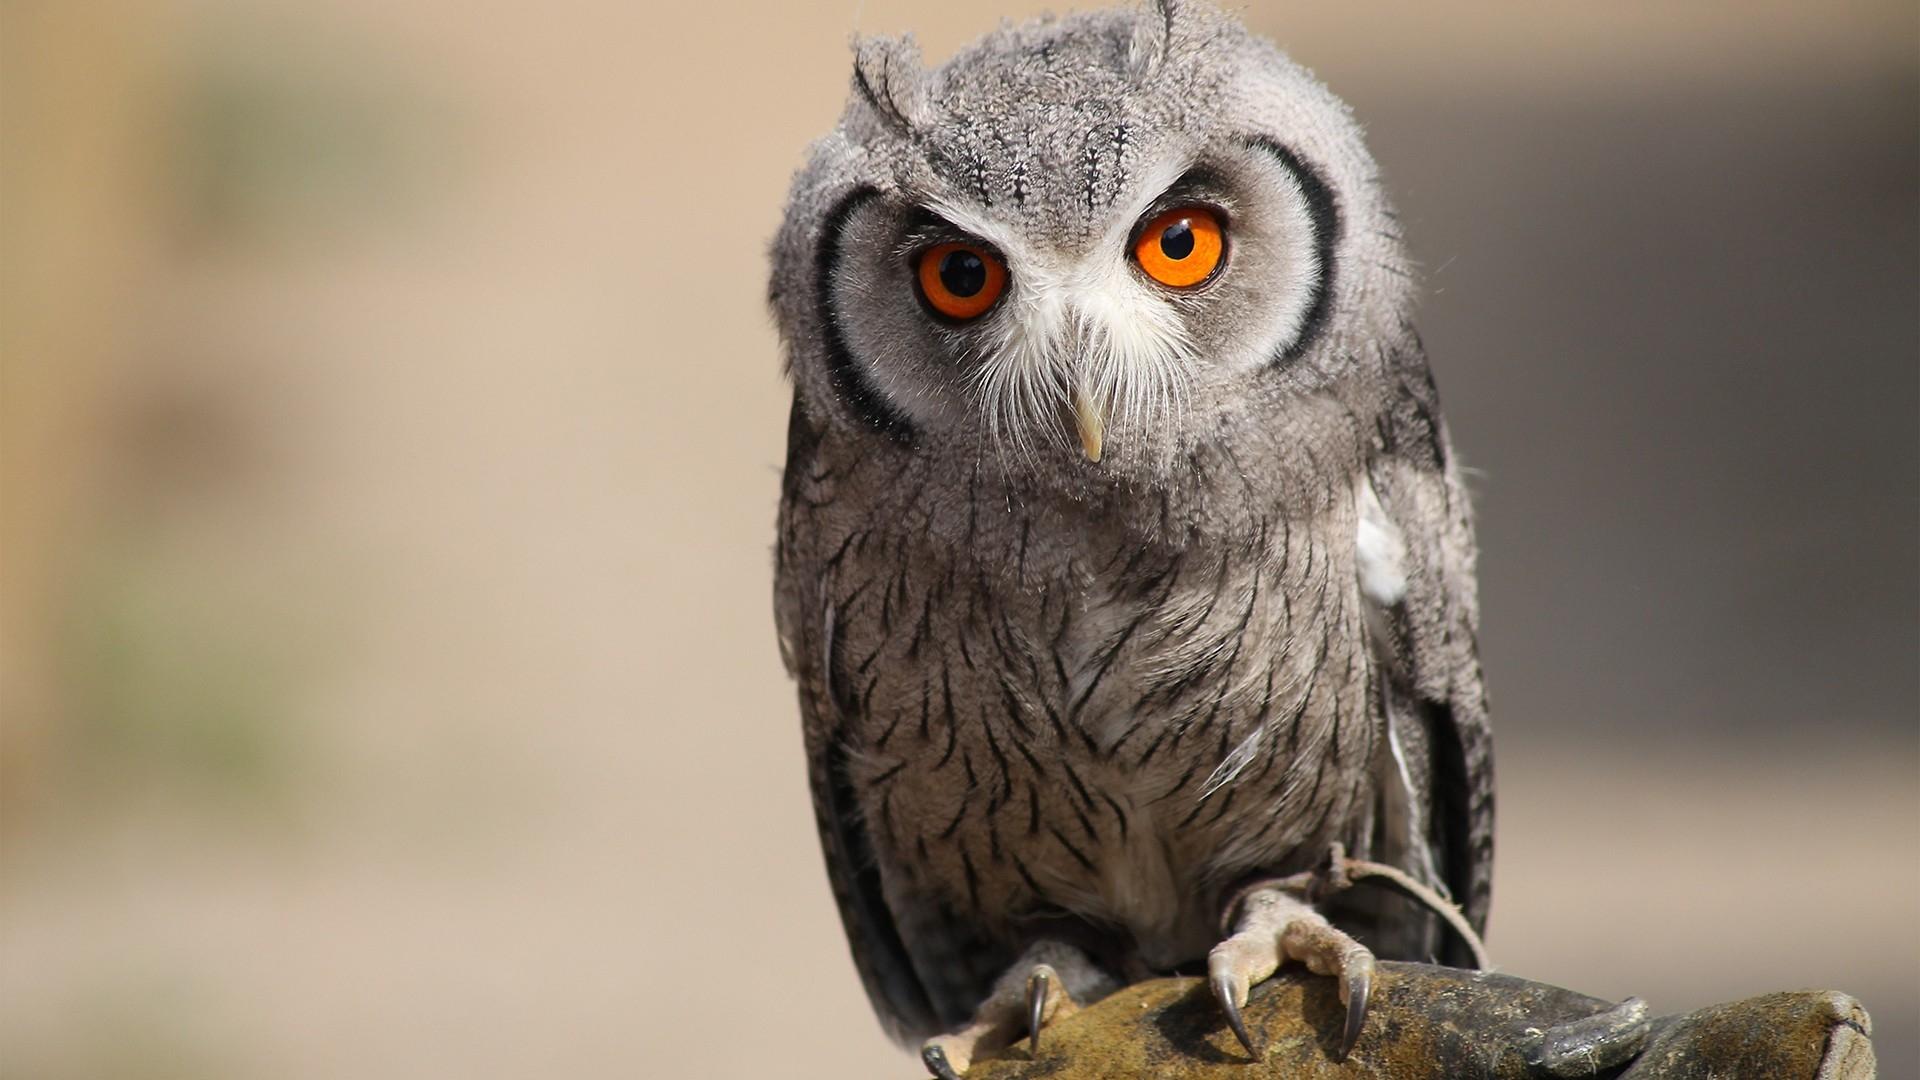 Hintergrundbilder Eule Vogel Raubtier Augen Gefieder 1920x1080